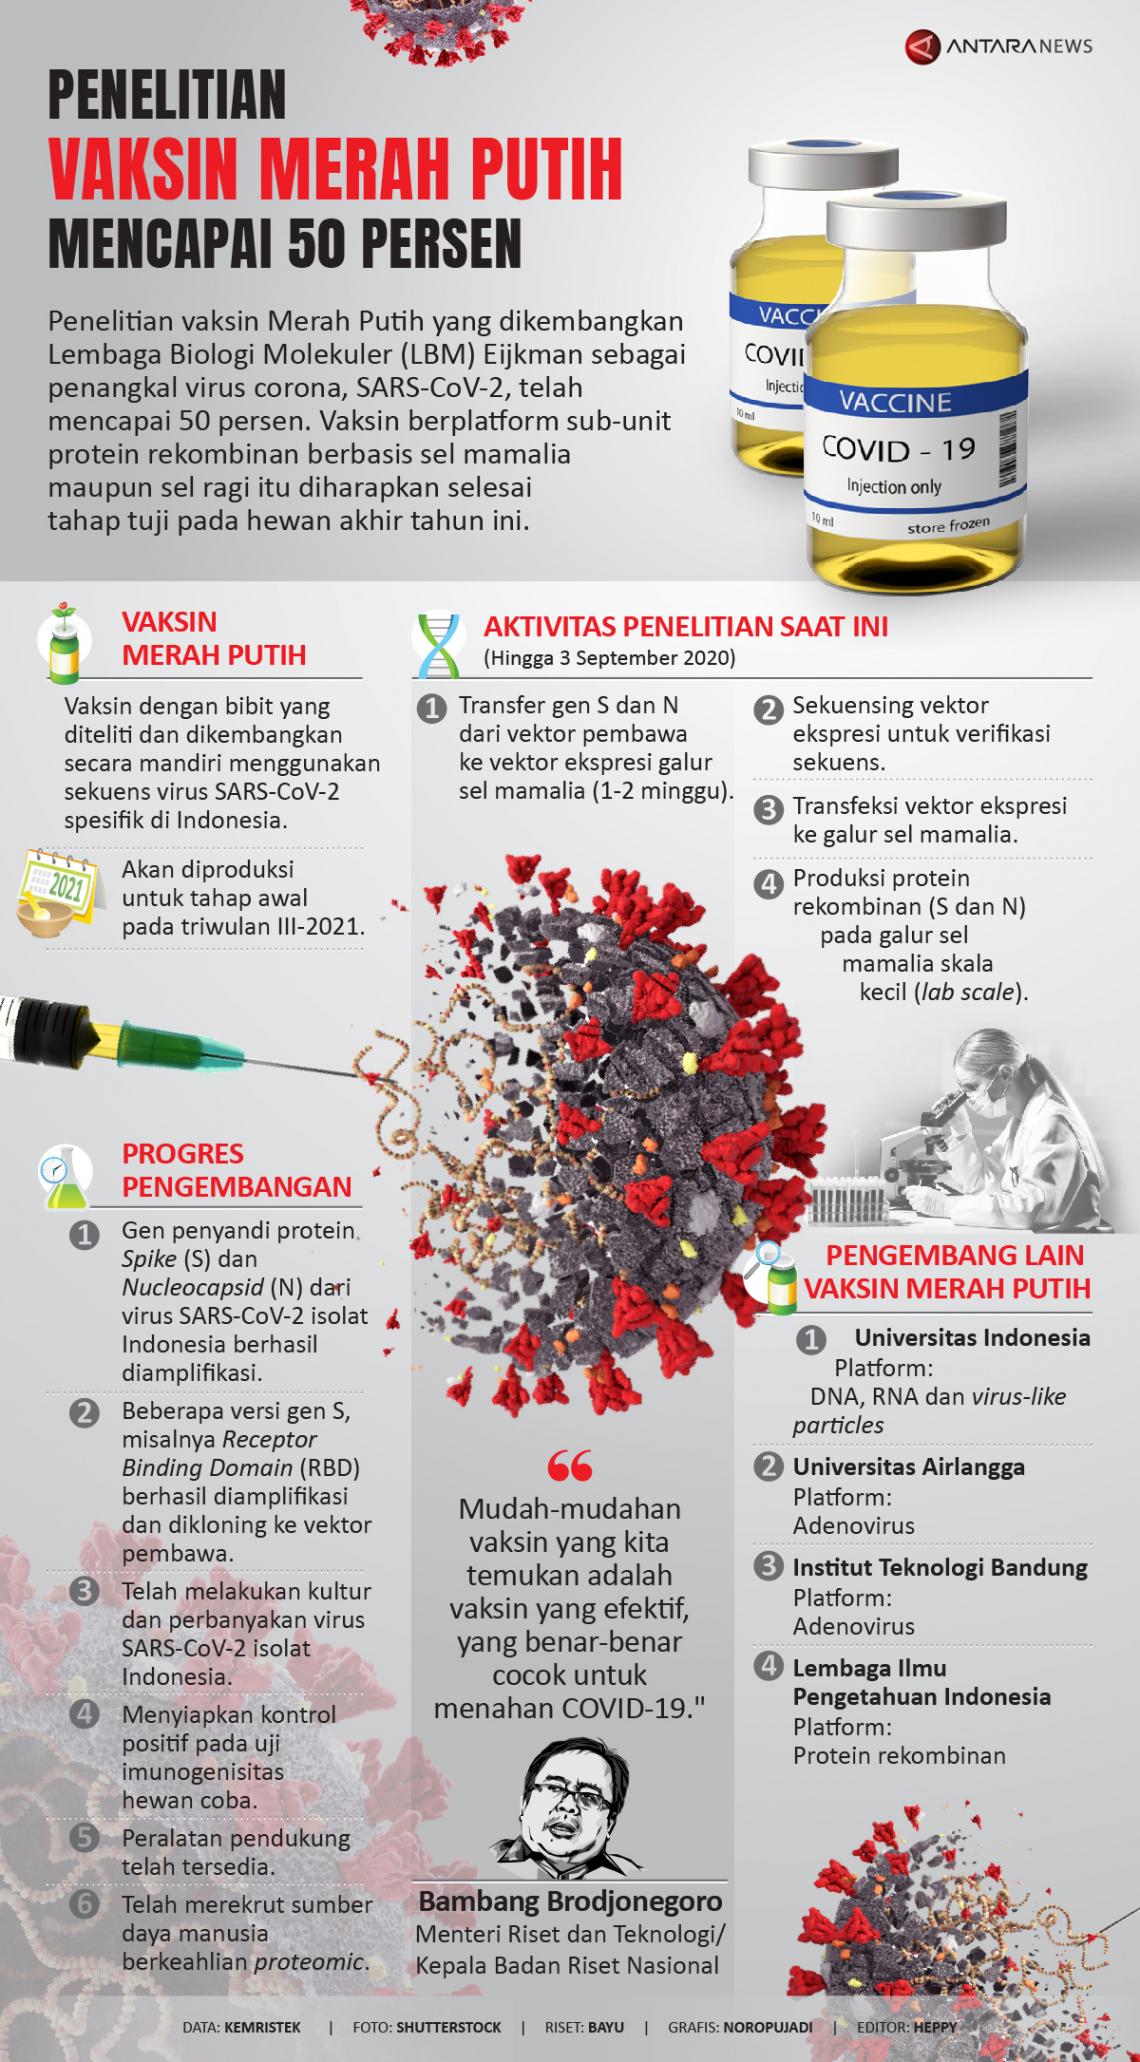 Penelitian vaksin Merah Putih mencapai 50 persen